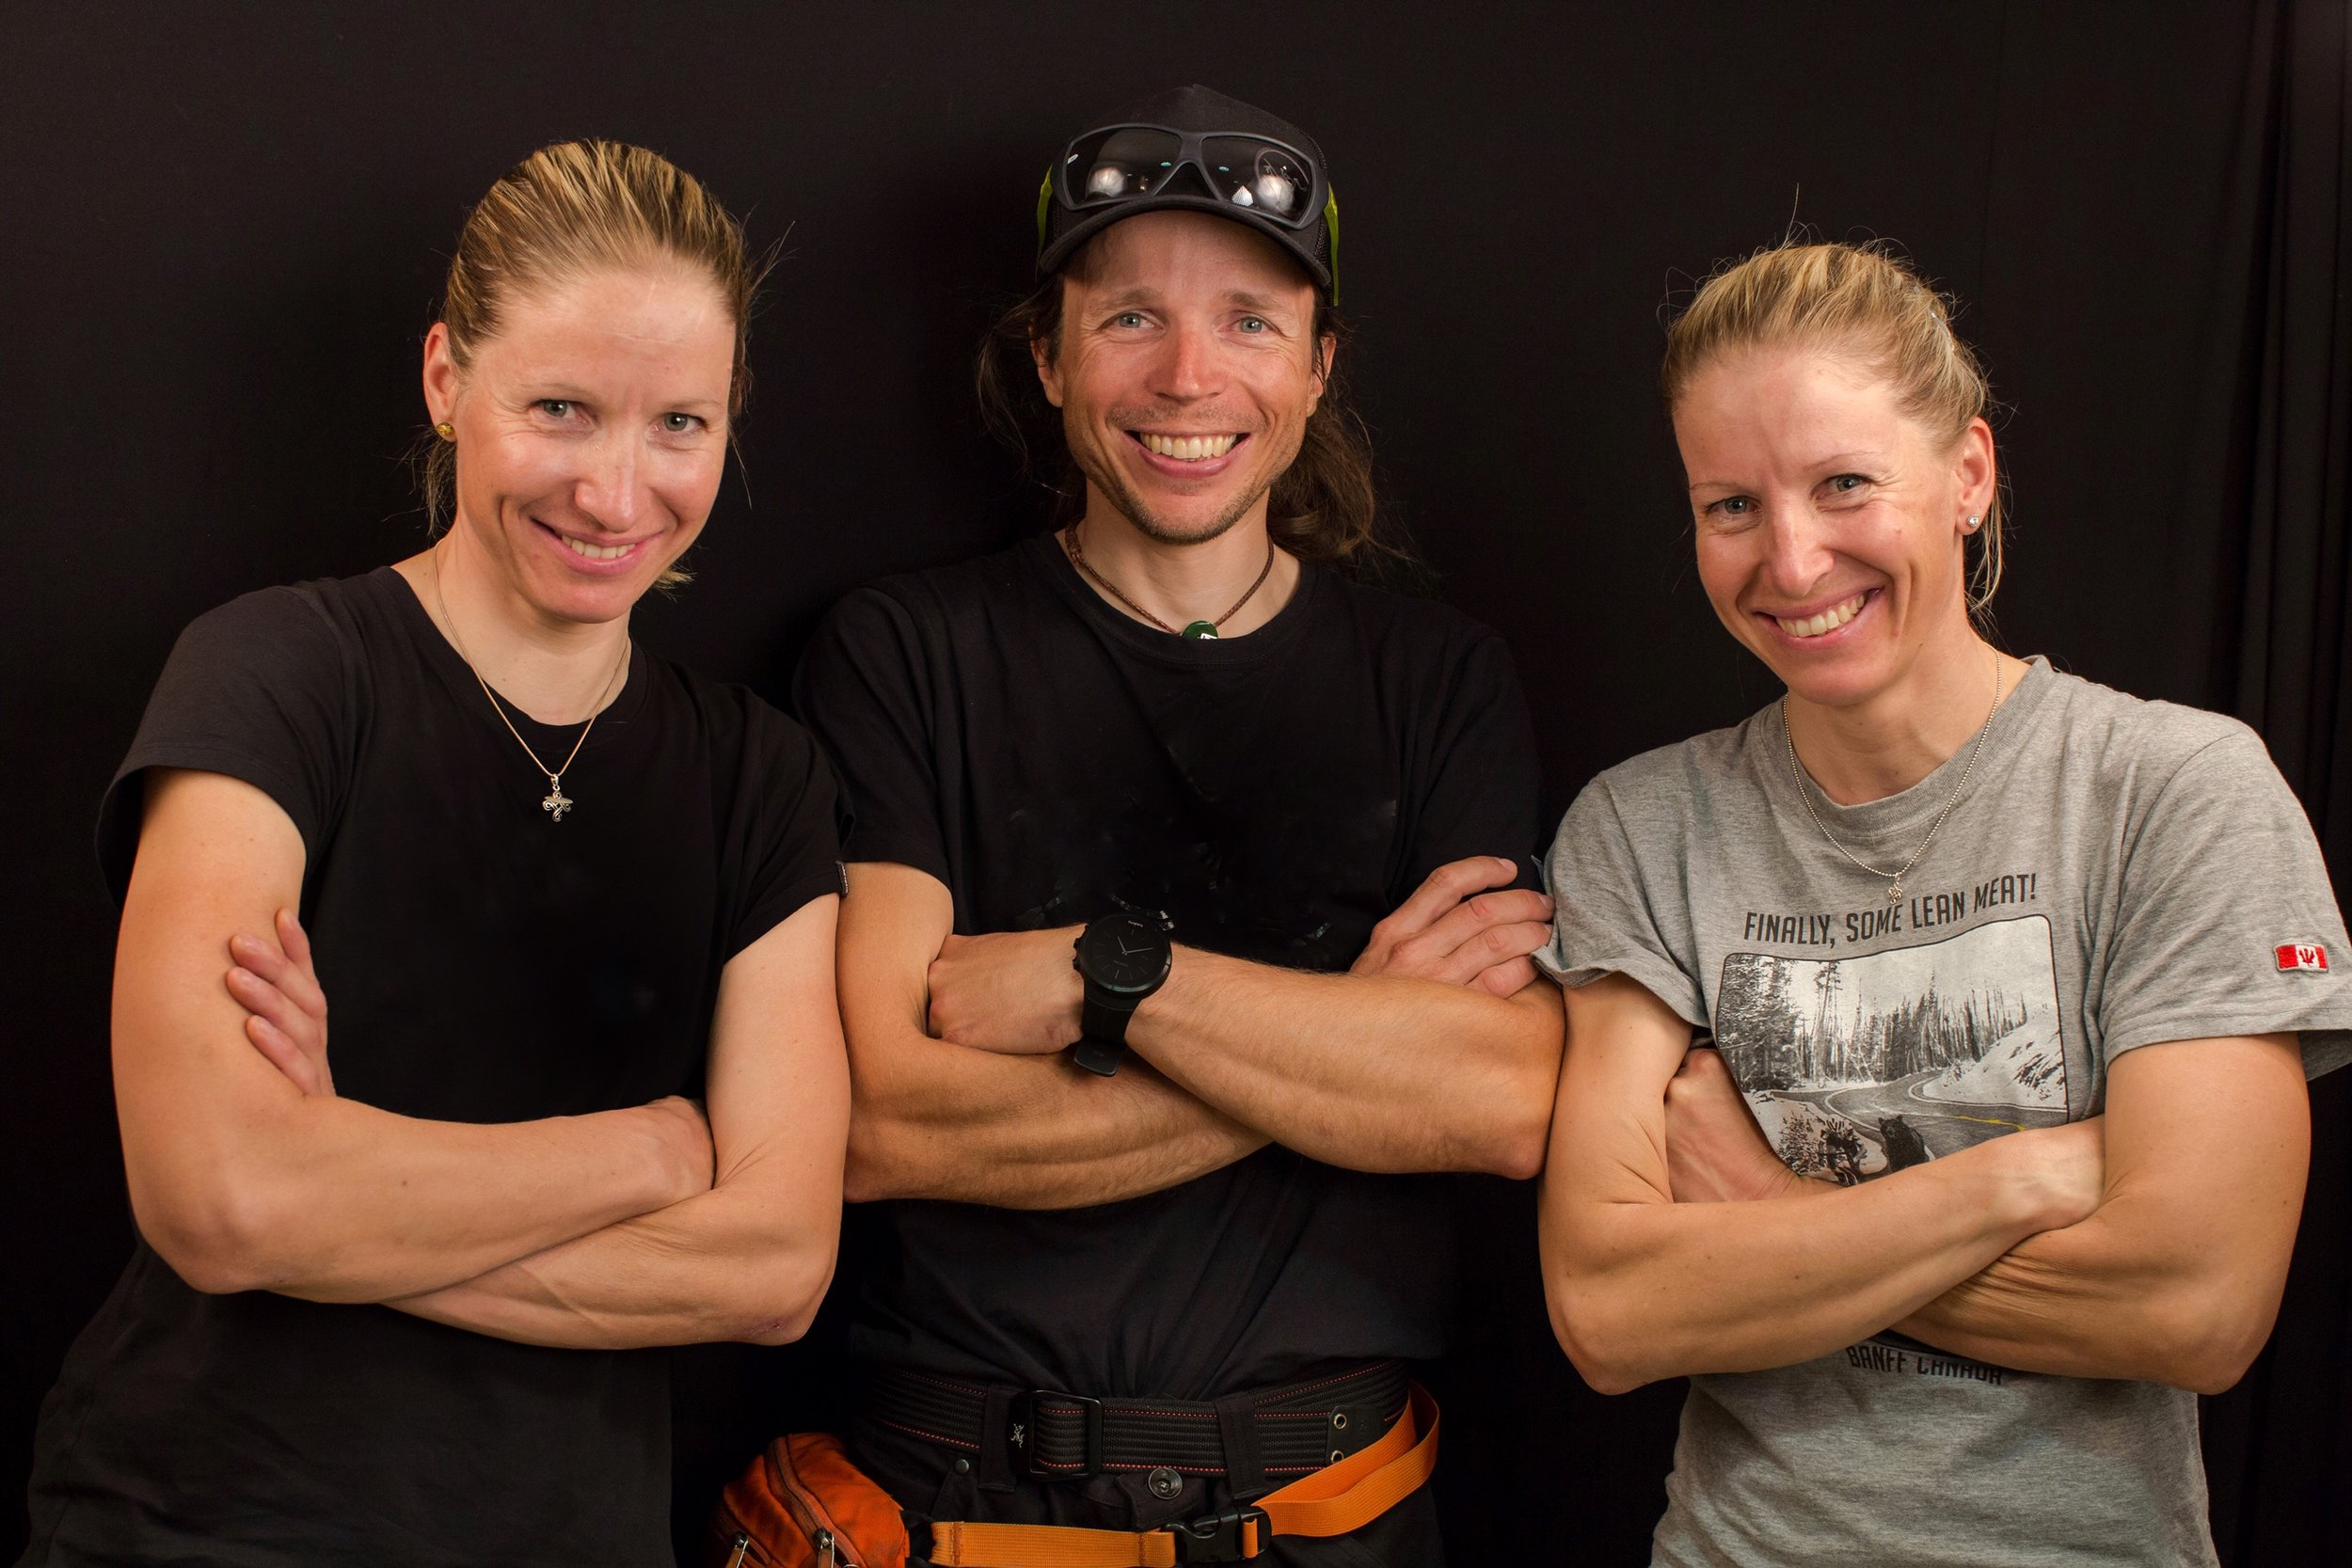 Tanja Schmitt, Matthias Scherer and Heike Schmitt - Picture by Laurent Lafouche